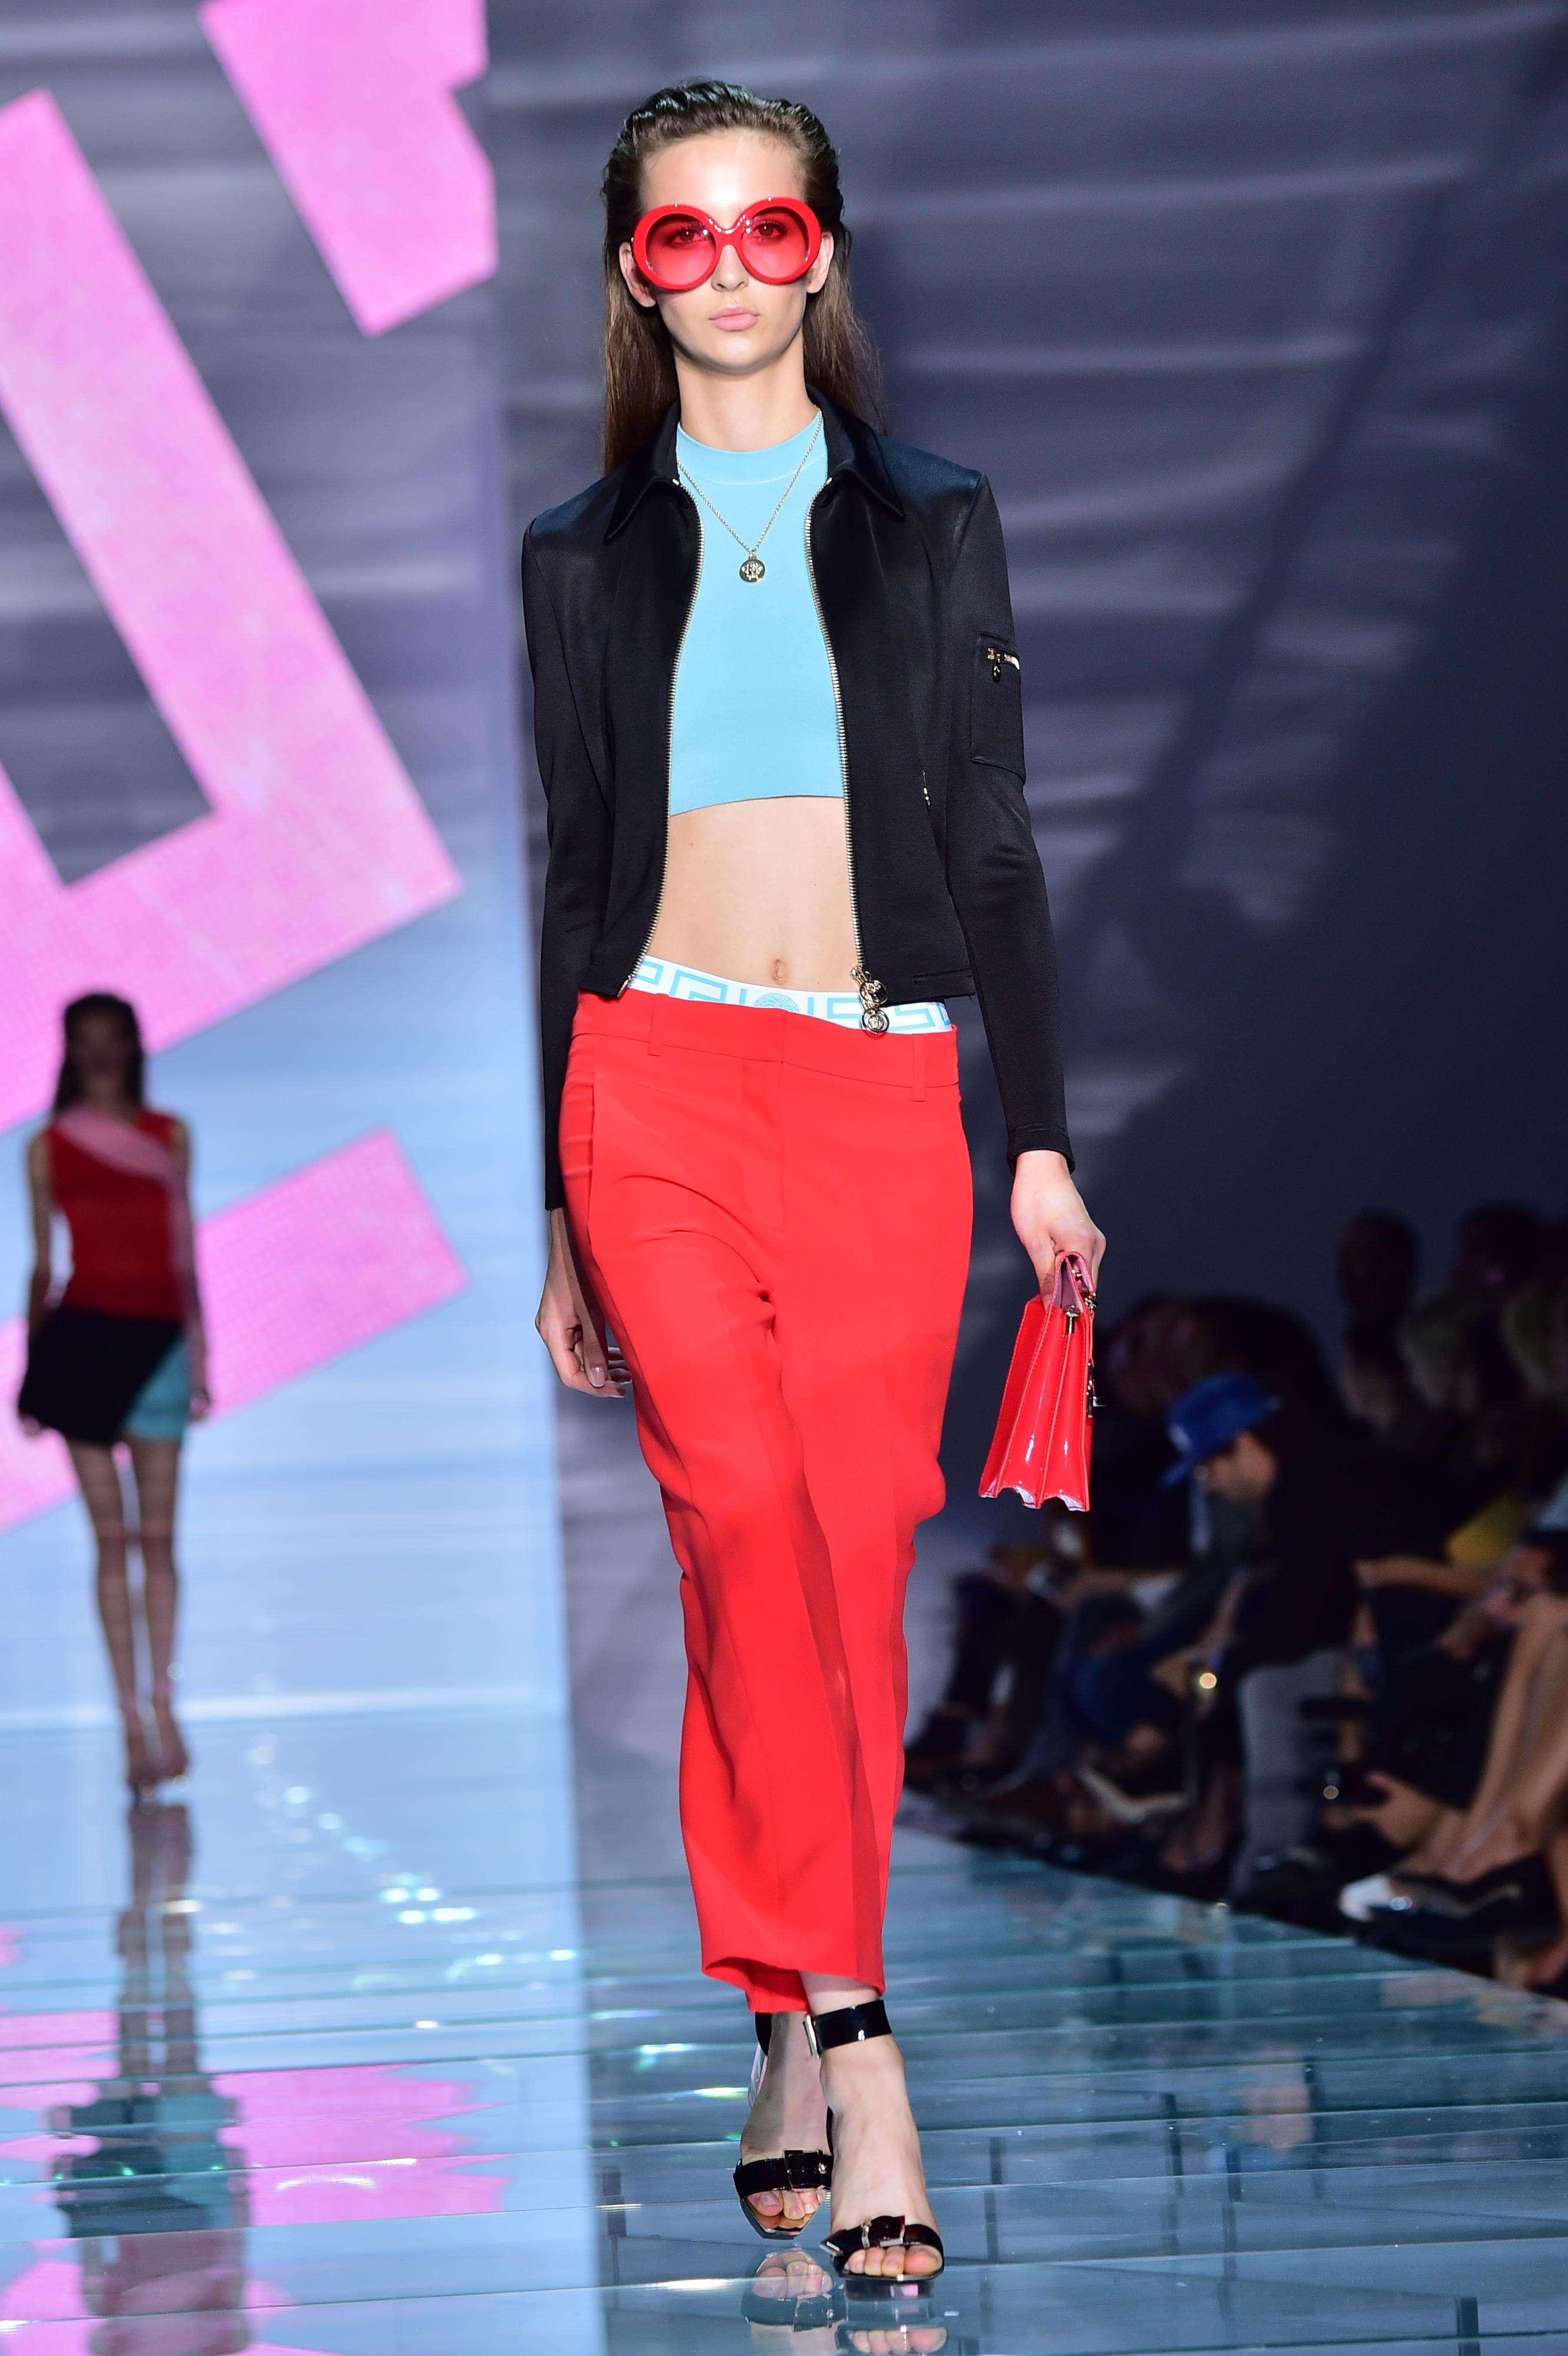 Milan Fashion Week: Versace propone una moda con toque go-go Foto: AFP